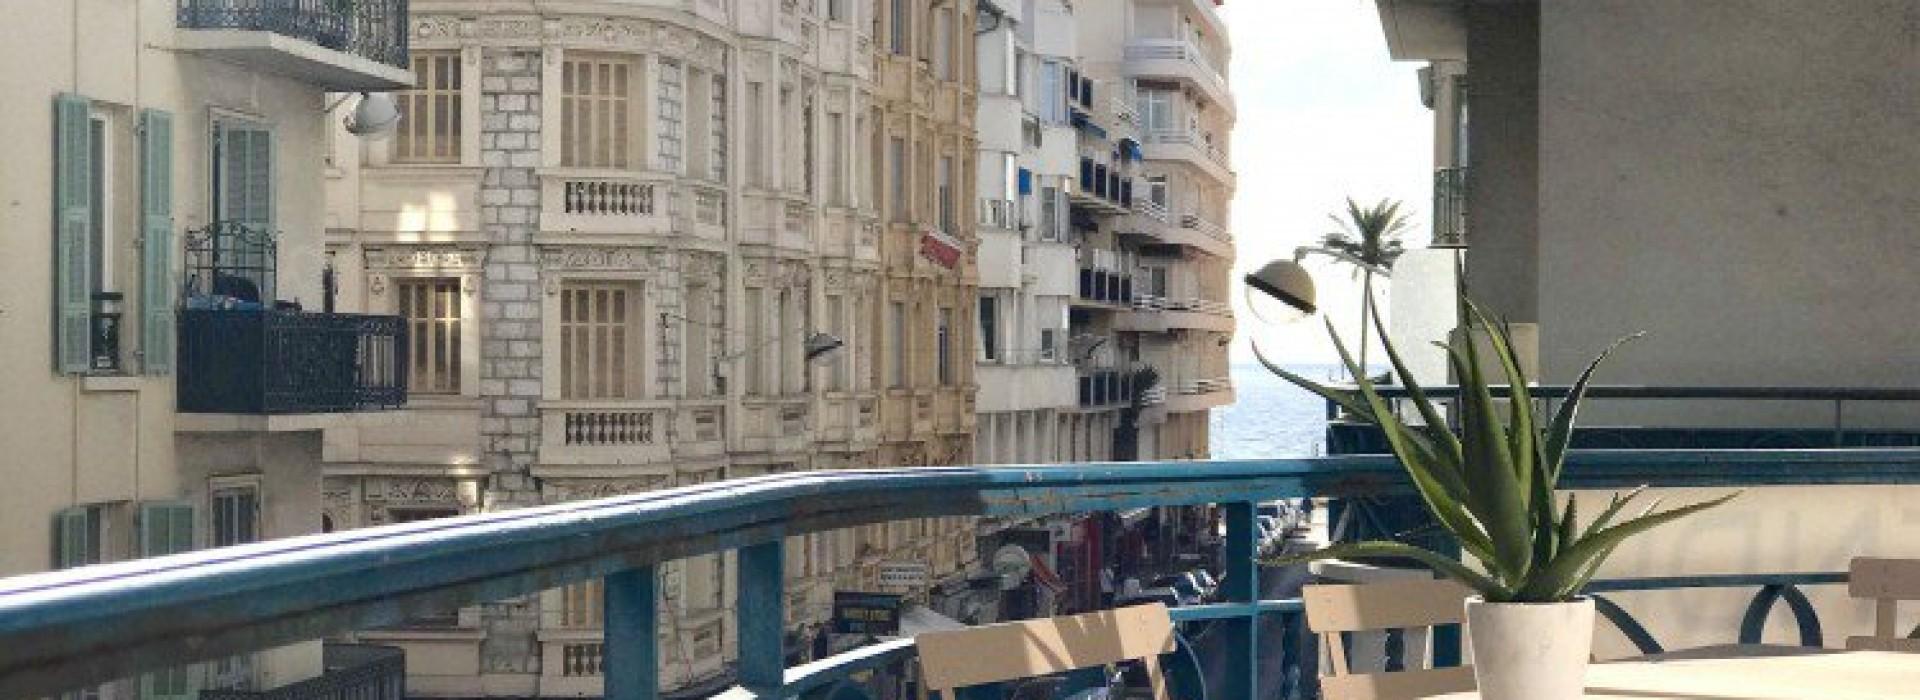 Appartement Nice 3 Pièces 62m2 550,000€